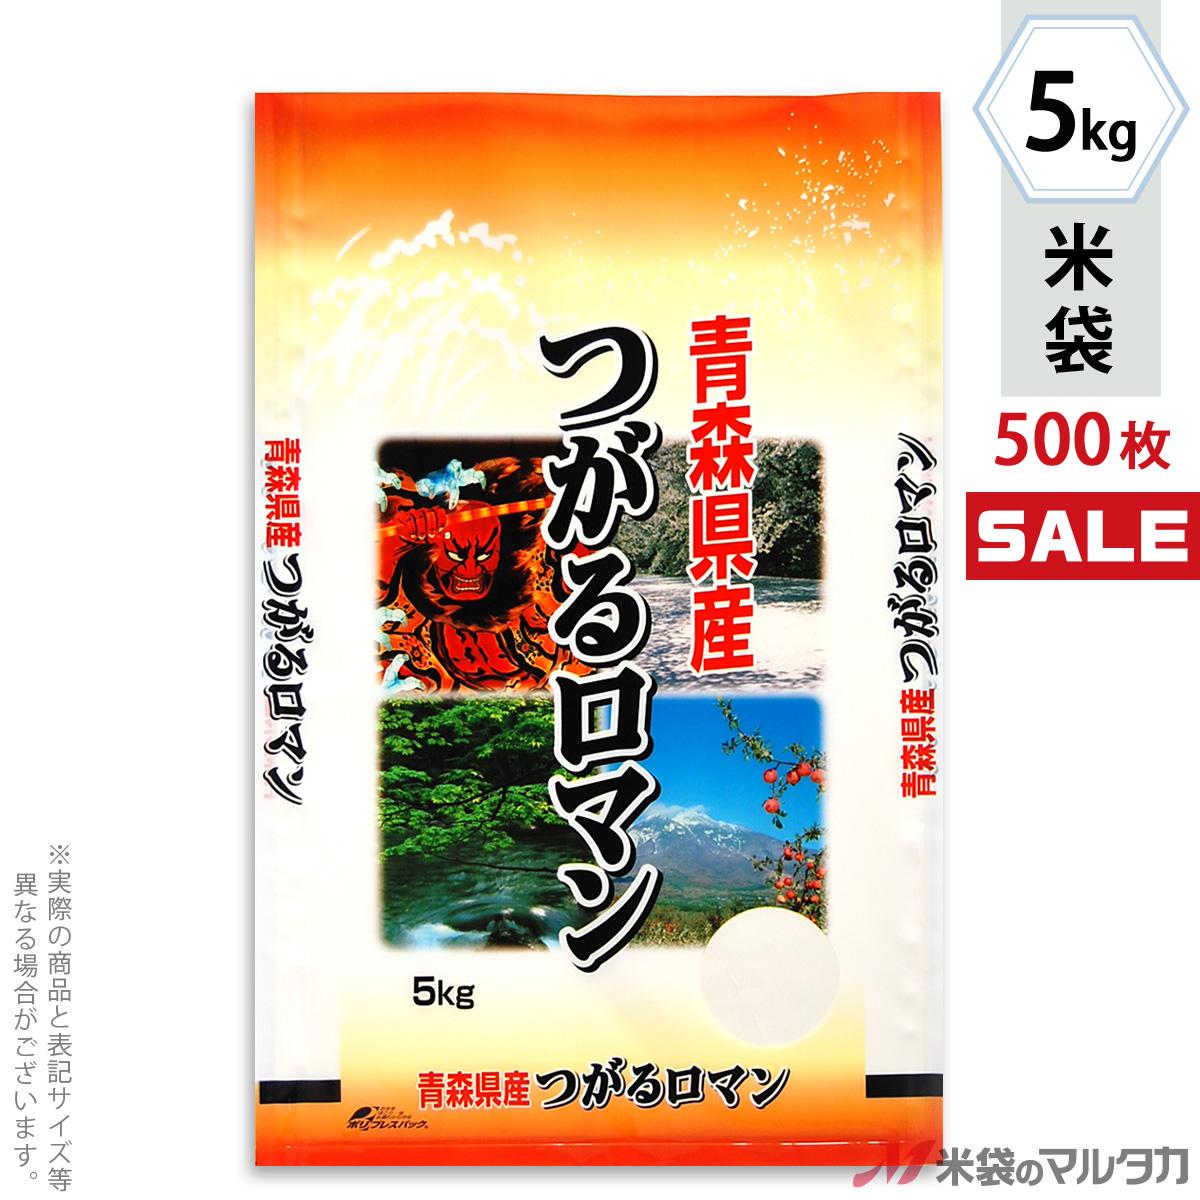 <キャンペーン対応>米袋 ポリポリ ネオブレス 青森産つがるロマン 彩々 5kg 1ケース(500枚入) MP-5221